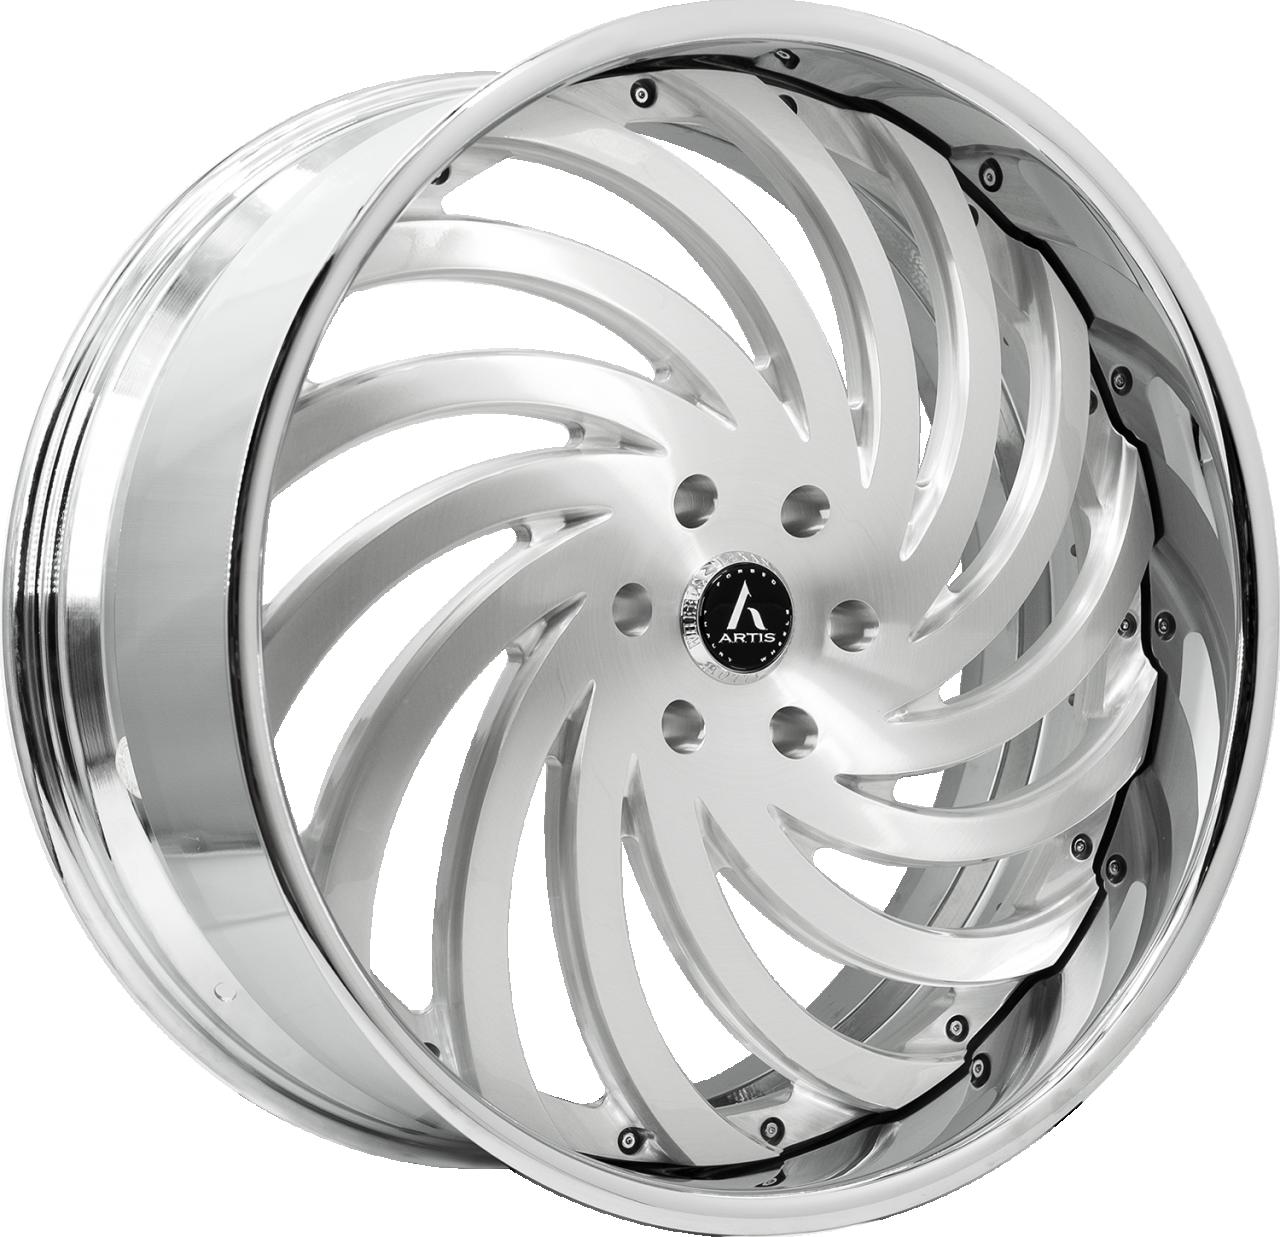 Artis Forged Kurva wheel with Brushed finish